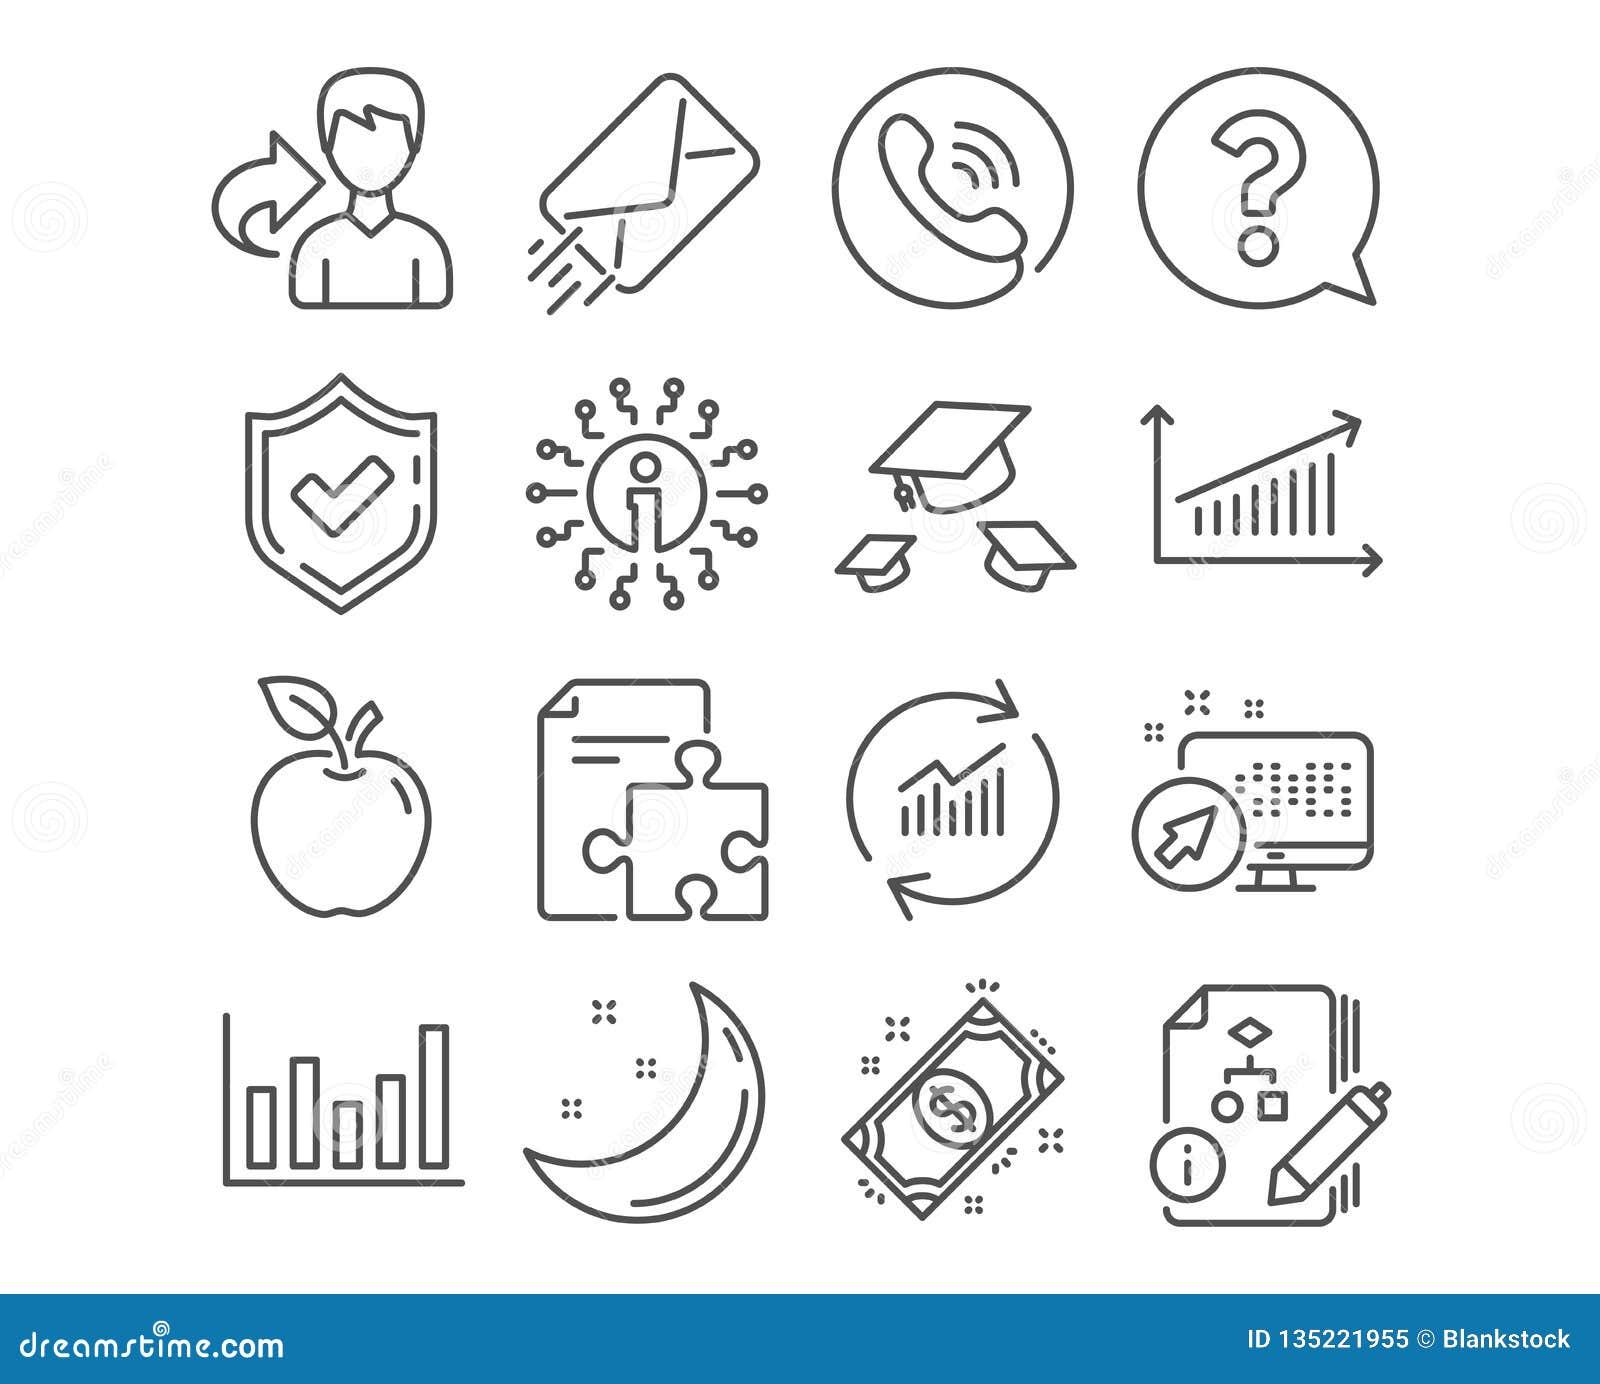 Frågefläck, kasthattar och strategisymboler Kolonndiagram, betalning- och algoritmtecken vektor